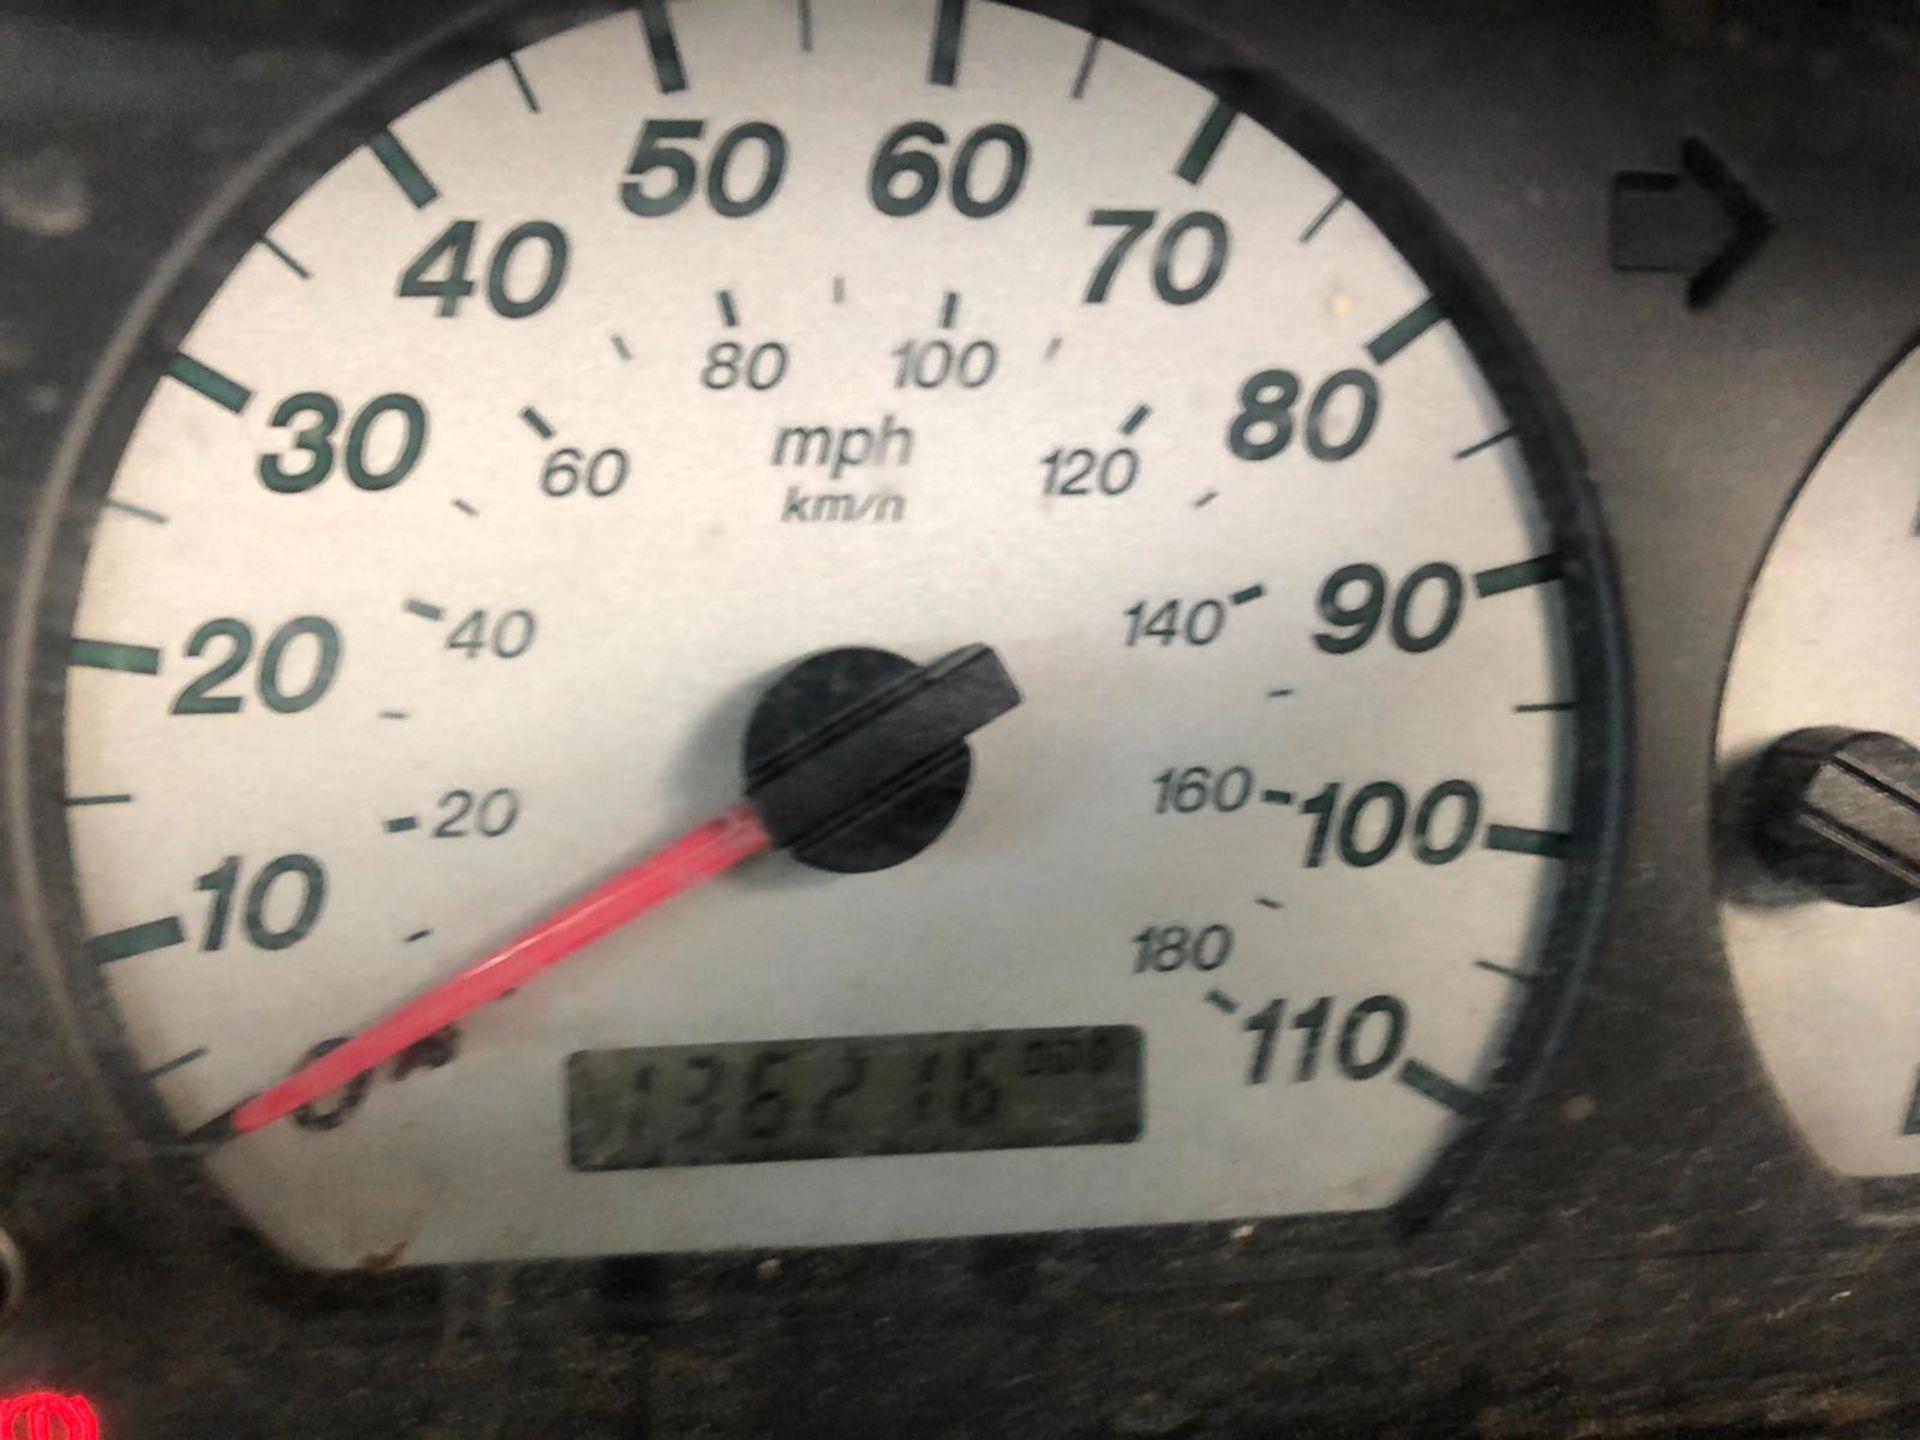 Lot 35 - 2006/06 REG FORD RANGER XLT THUNDER 2.5 DIESEL PICK-UP SILVER, 4 WHEEL DRIVE *NO VAT*